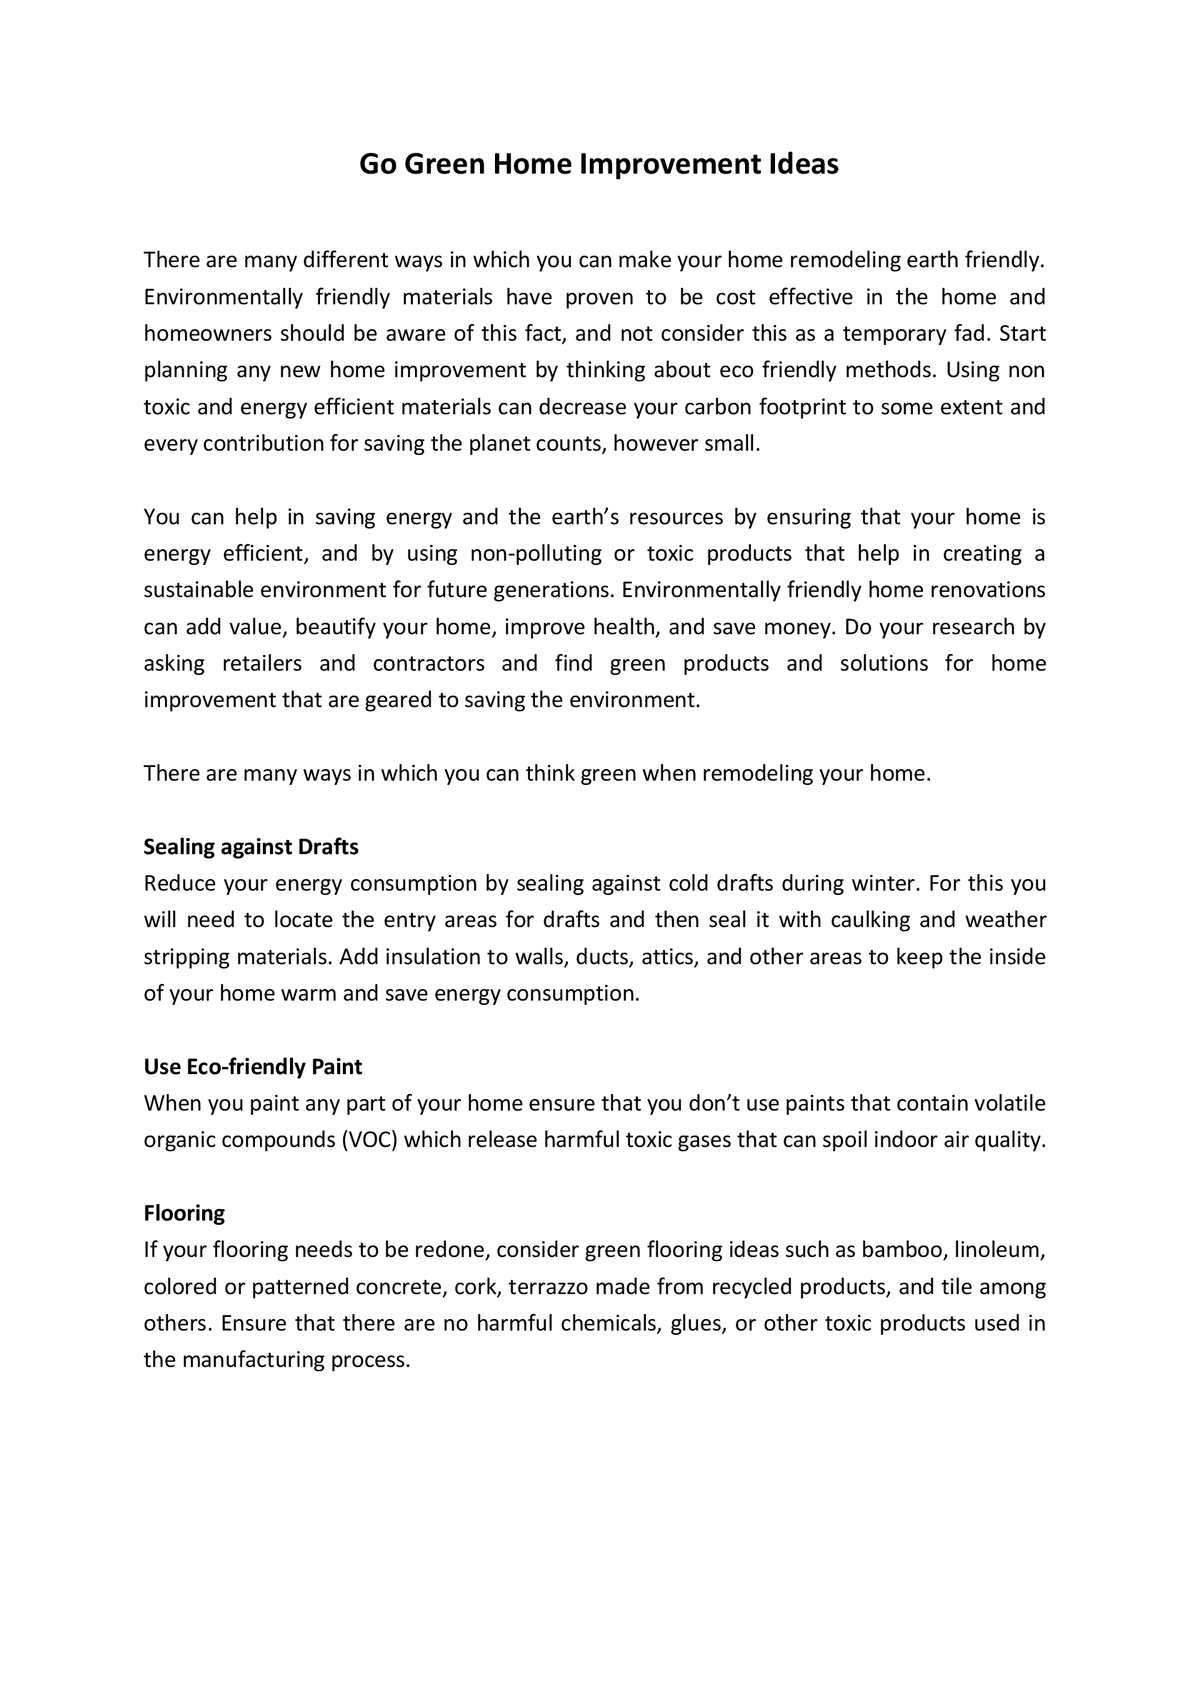 Calaméo - Go Green Home Improvement Ideas